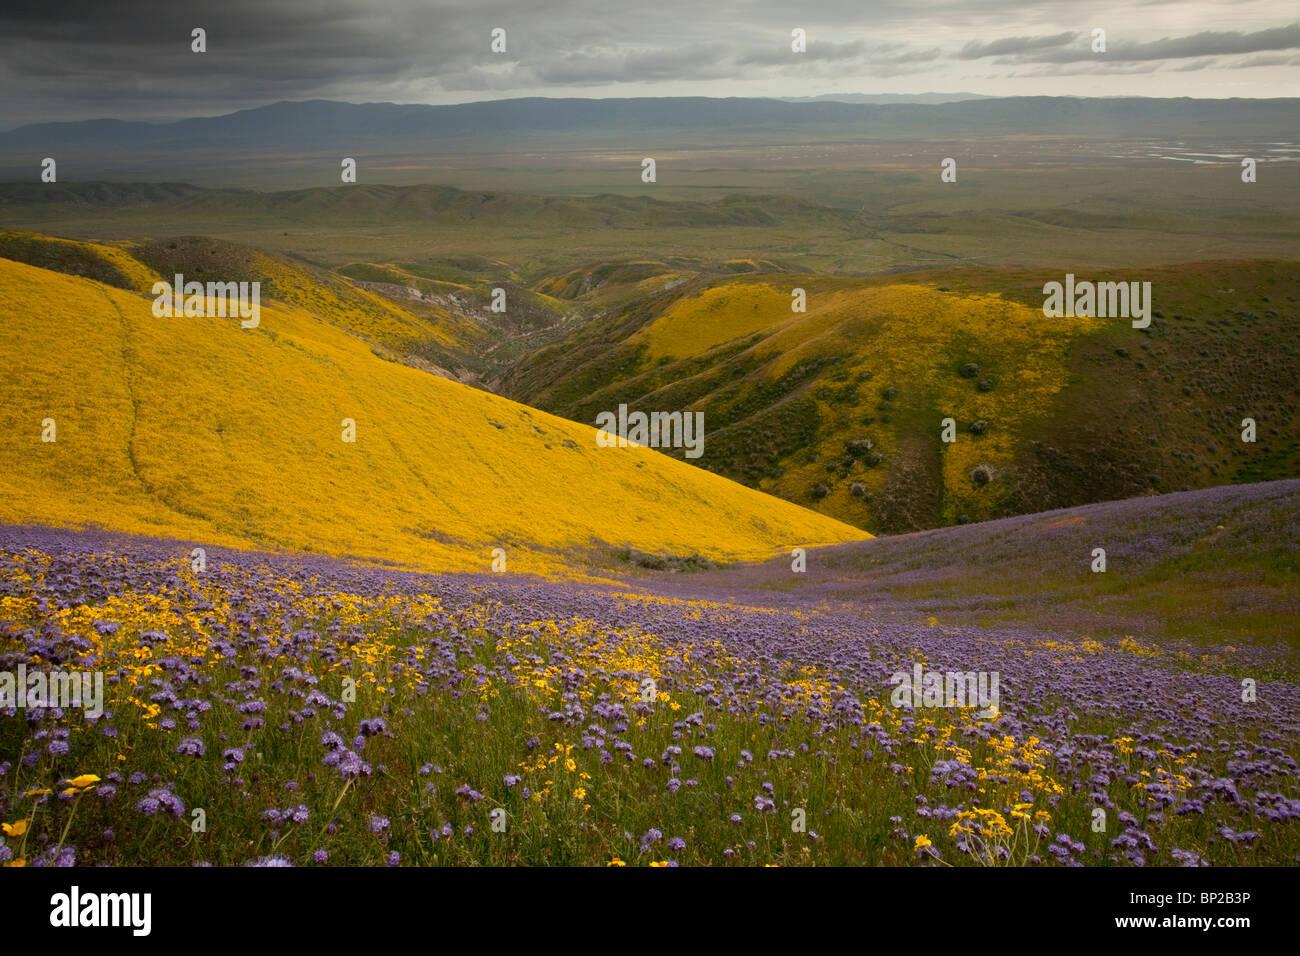 Spektakuläre Massen der Wildblumenwiese, vor allem Hang Daisy und Phacelia in The Temblor Range, Carrizo Plain, Stockbild